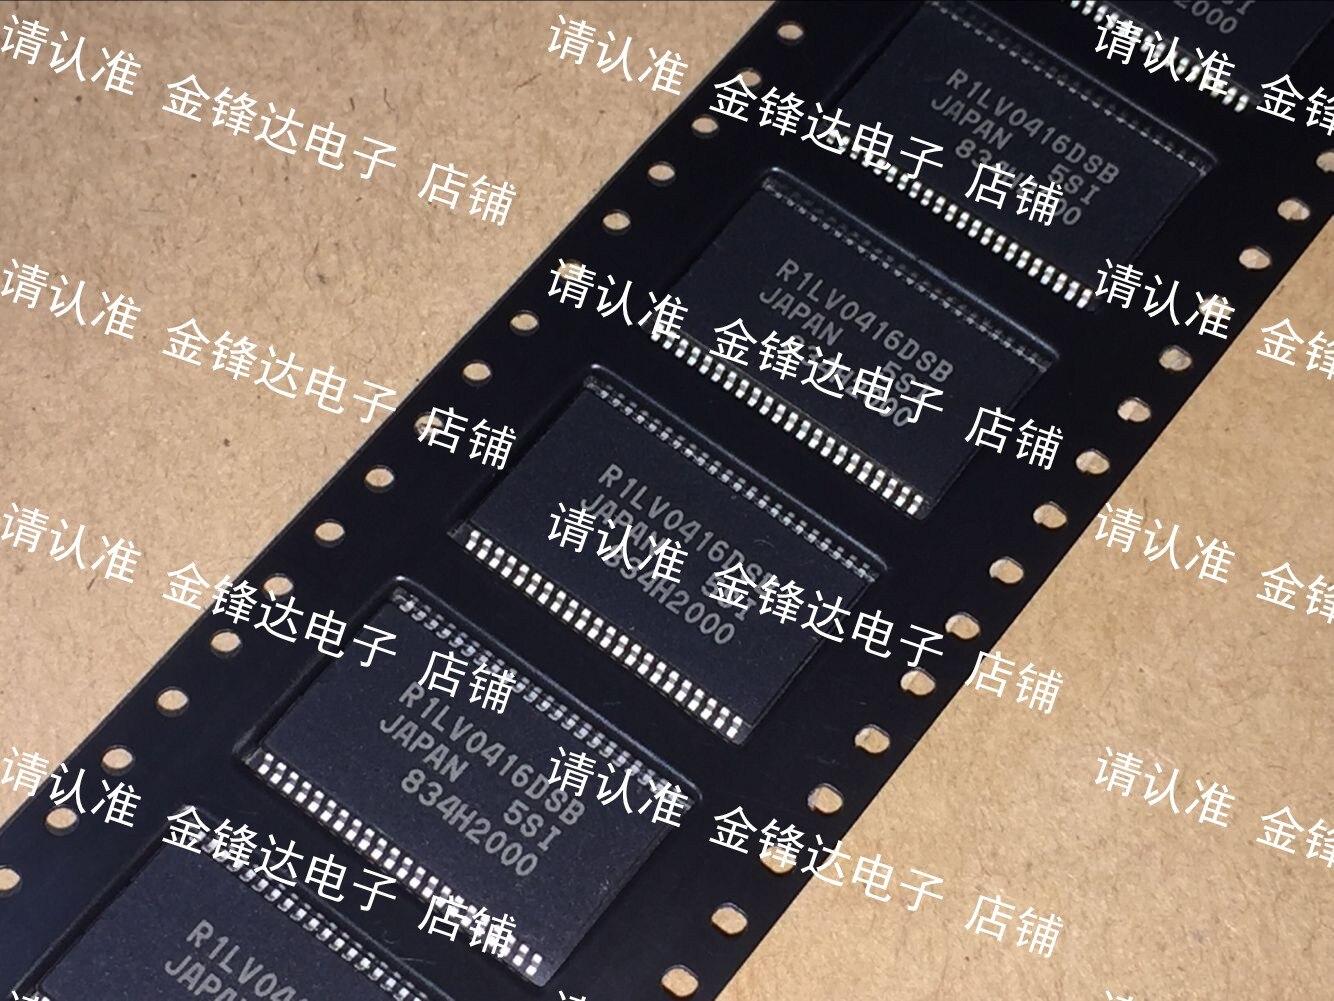 R1LV0416DSB-5SI / RILV0416CSB-5SI /DSB-7LI /CSB-7LI